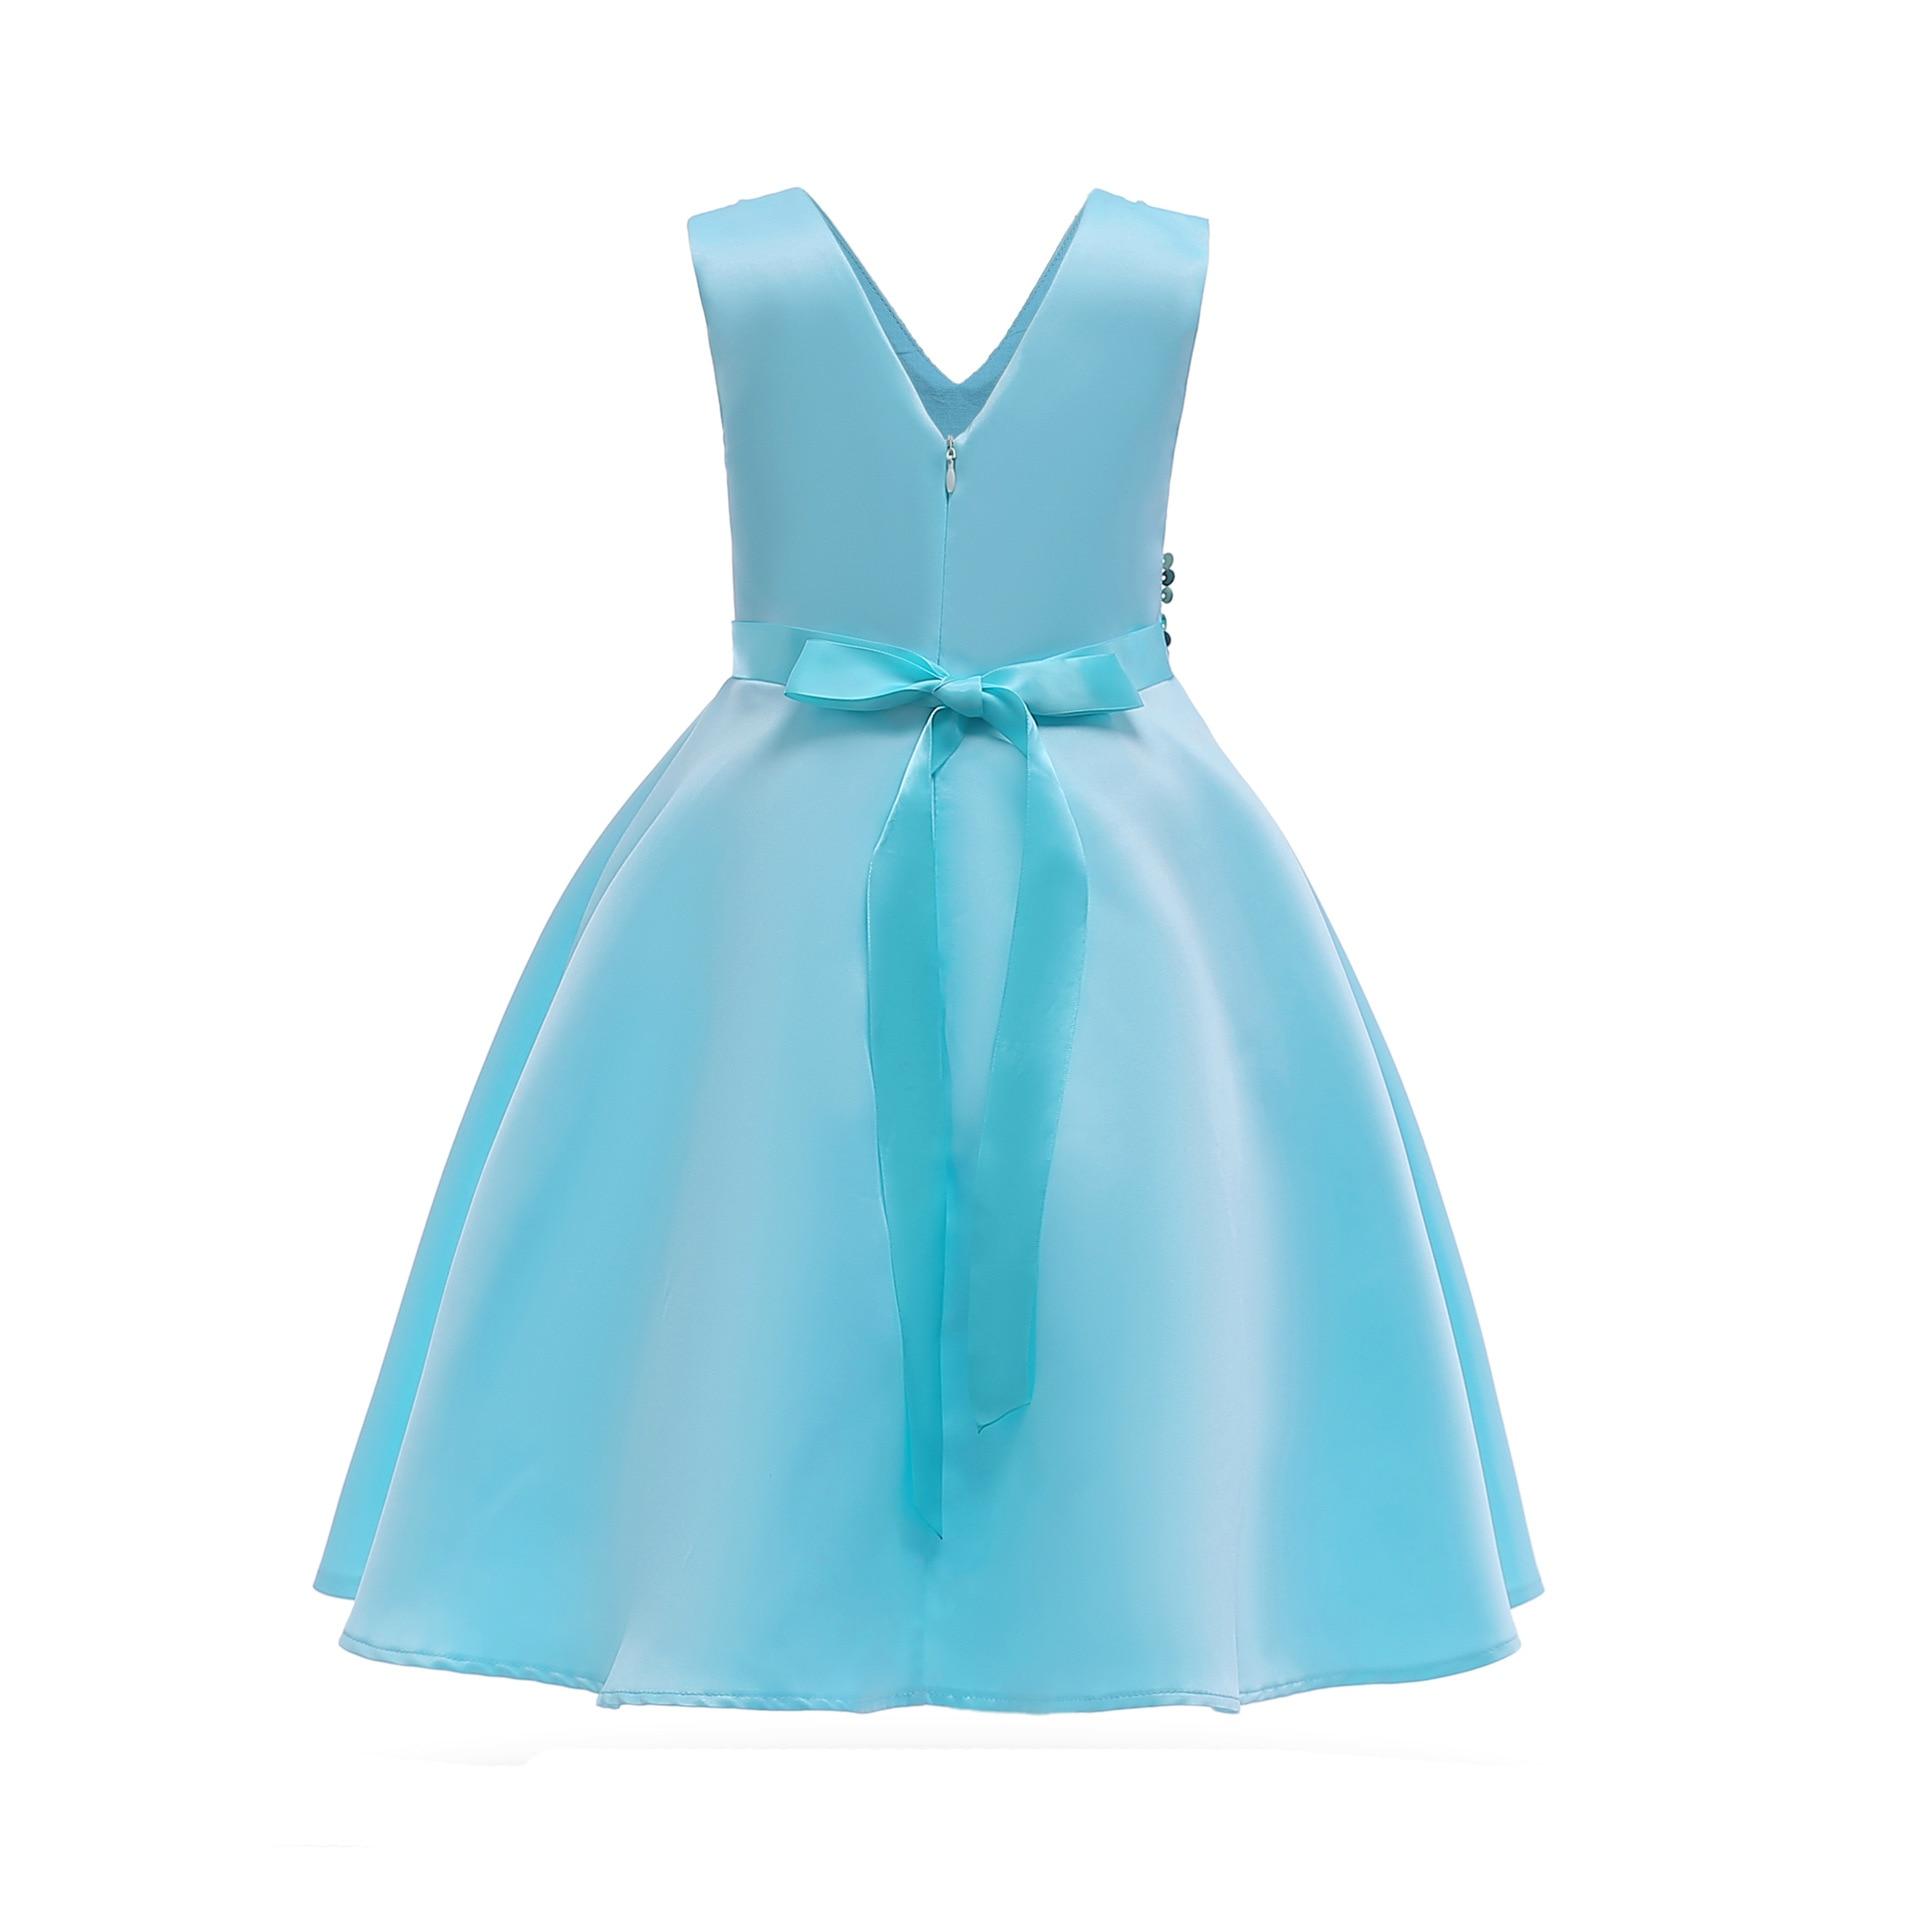 Hibyhoby 2018 nieuwe Boog Baljurk Mouwloze Pailletten jurk Meisjes - Kinderkleding - Foto 2